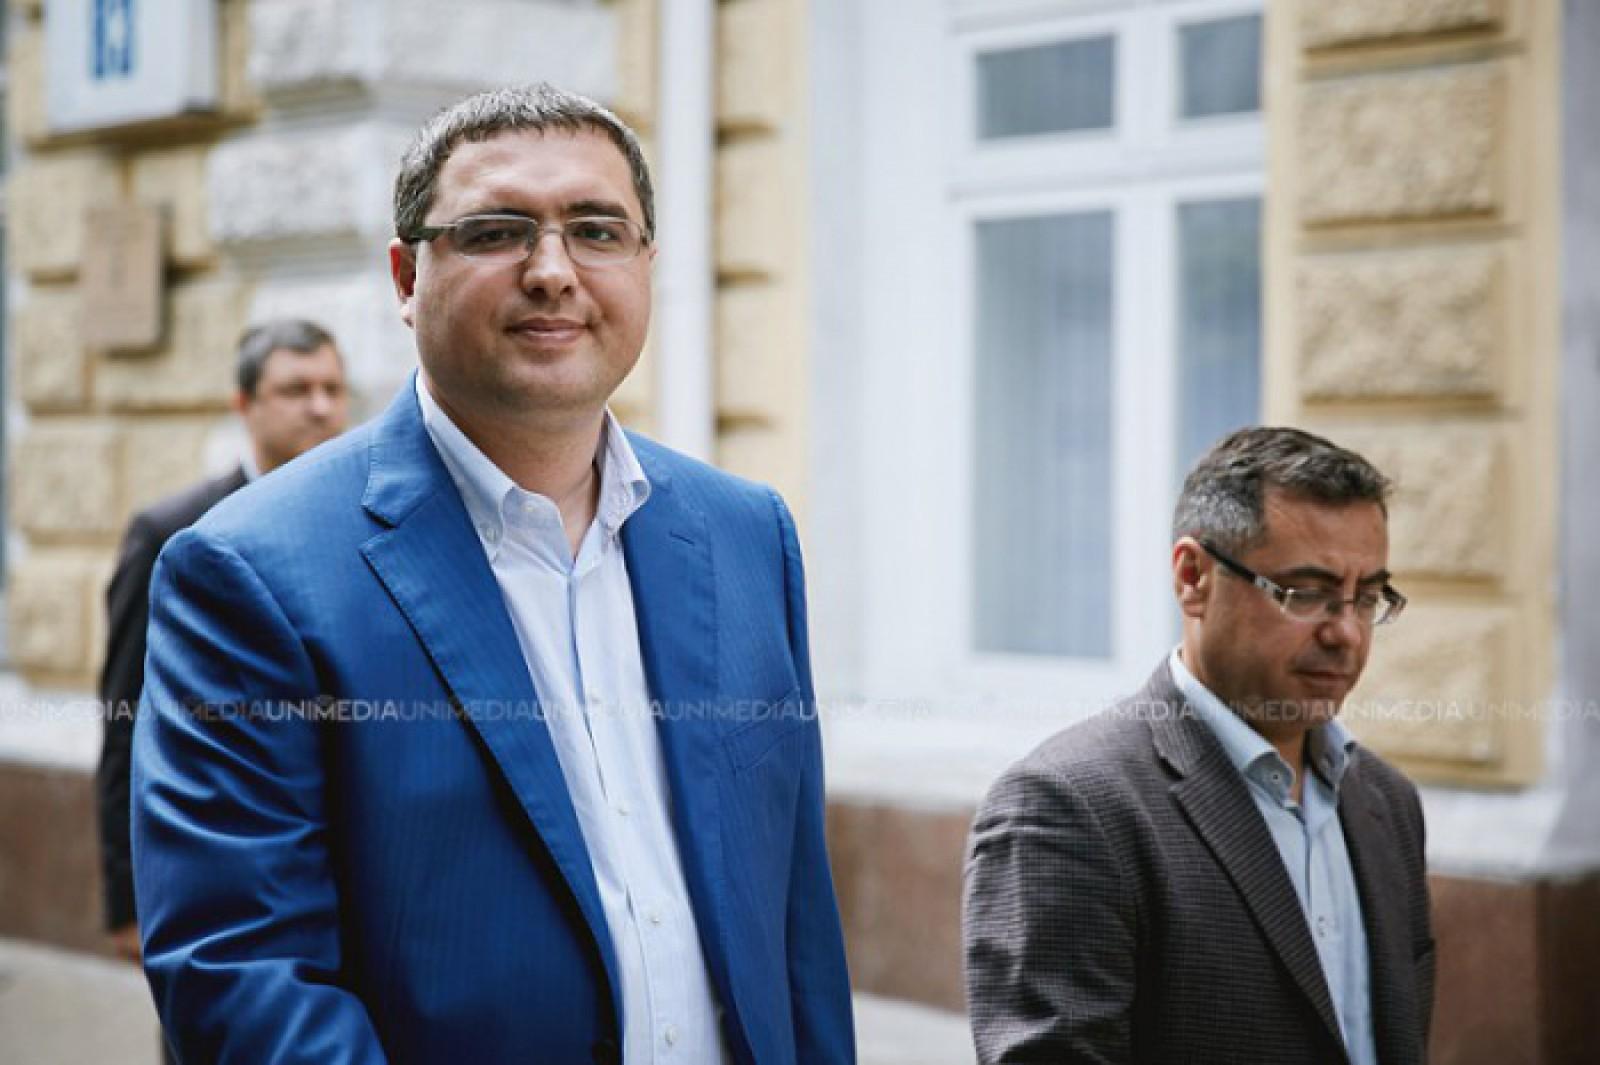 """(doc/update) """"Partidul Nostru"""" s-a adresat Băncii Naționale a Moldovei solicitând raportul KROLL să fie publicat integral"""